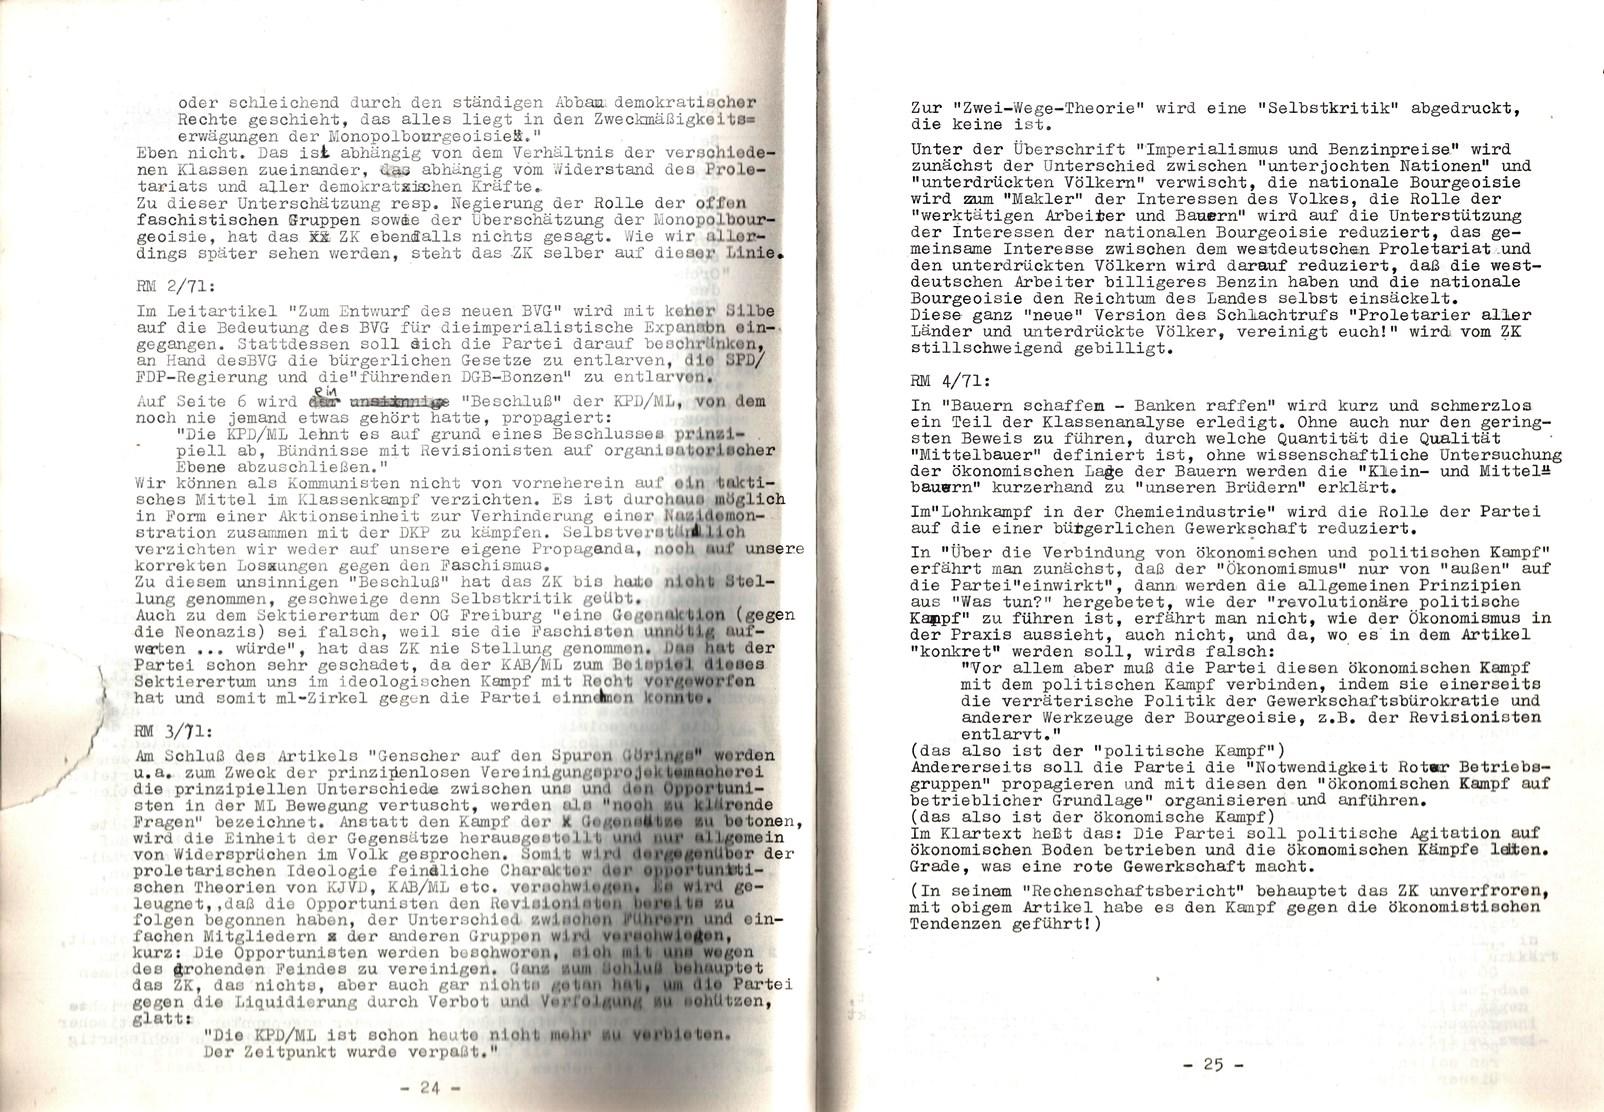 KPDML_1971_Analysen_und_Antraege_des_LV_Sued_West_018